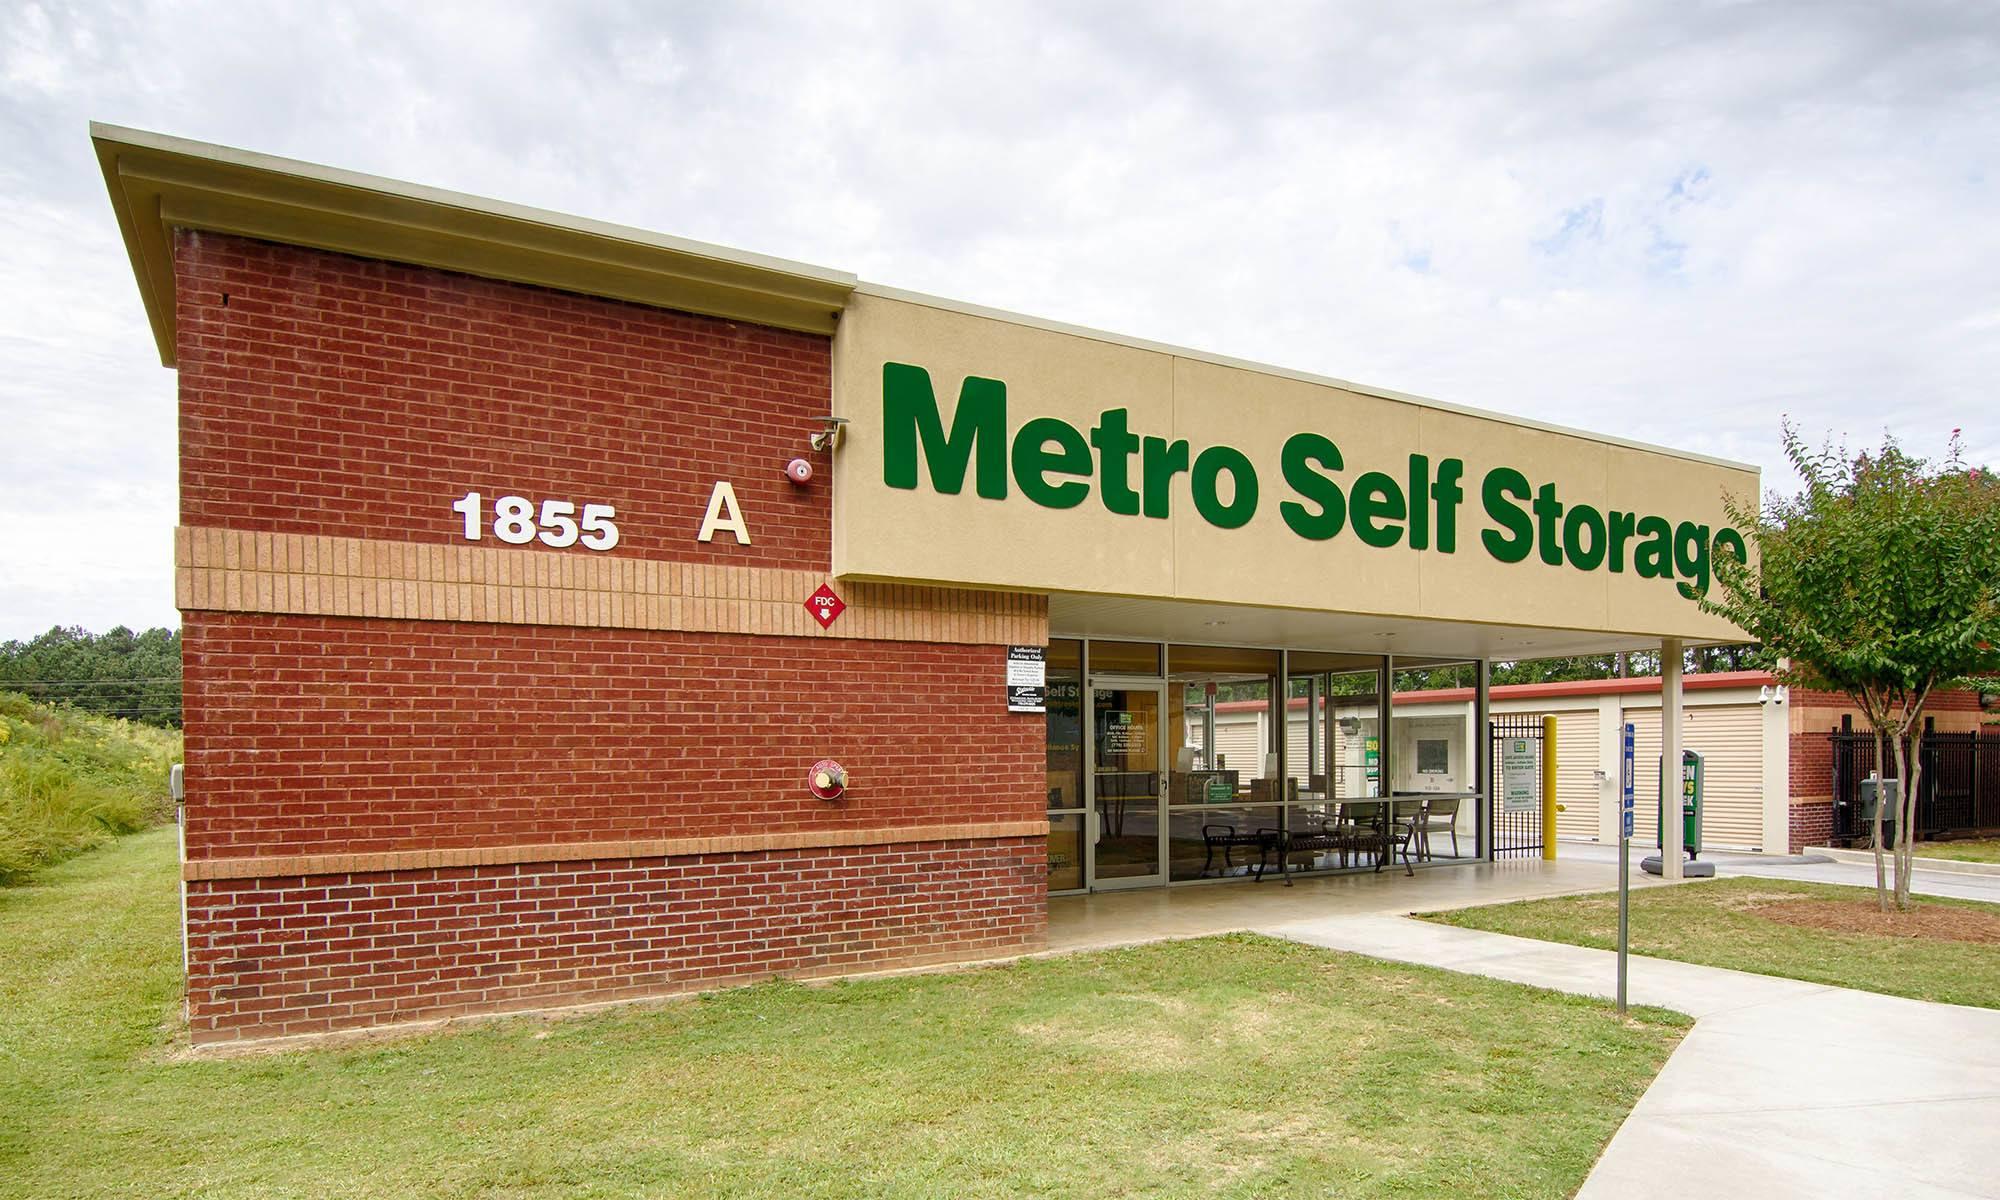 Metro Self Storage in Lawrenceville, GA